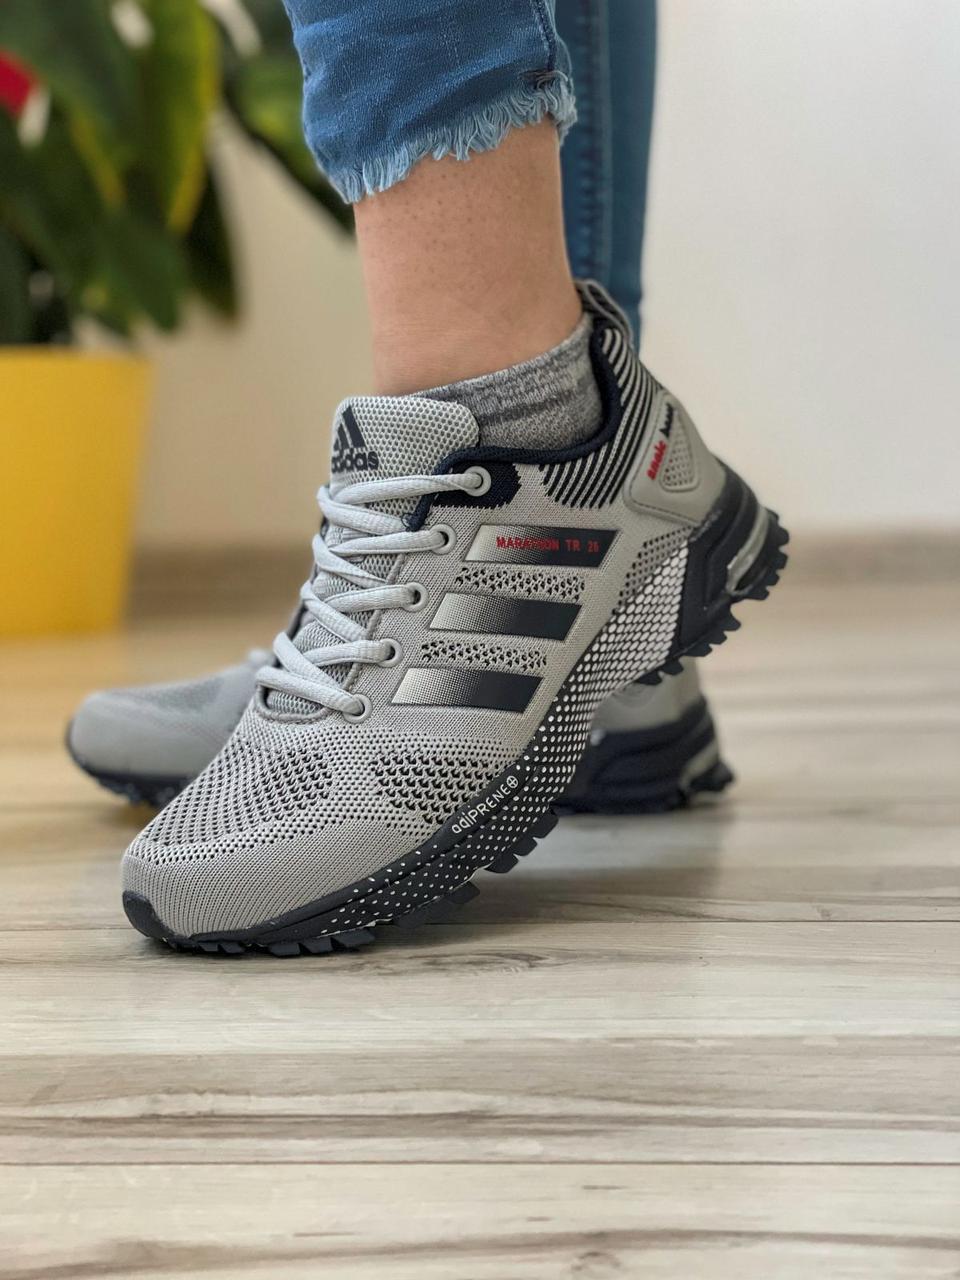 Кросівки жіночі 18571, Adidas Marathon Tr 26, сірі, [ 37 38 39 40 41 ] р. 37-24,0 див.